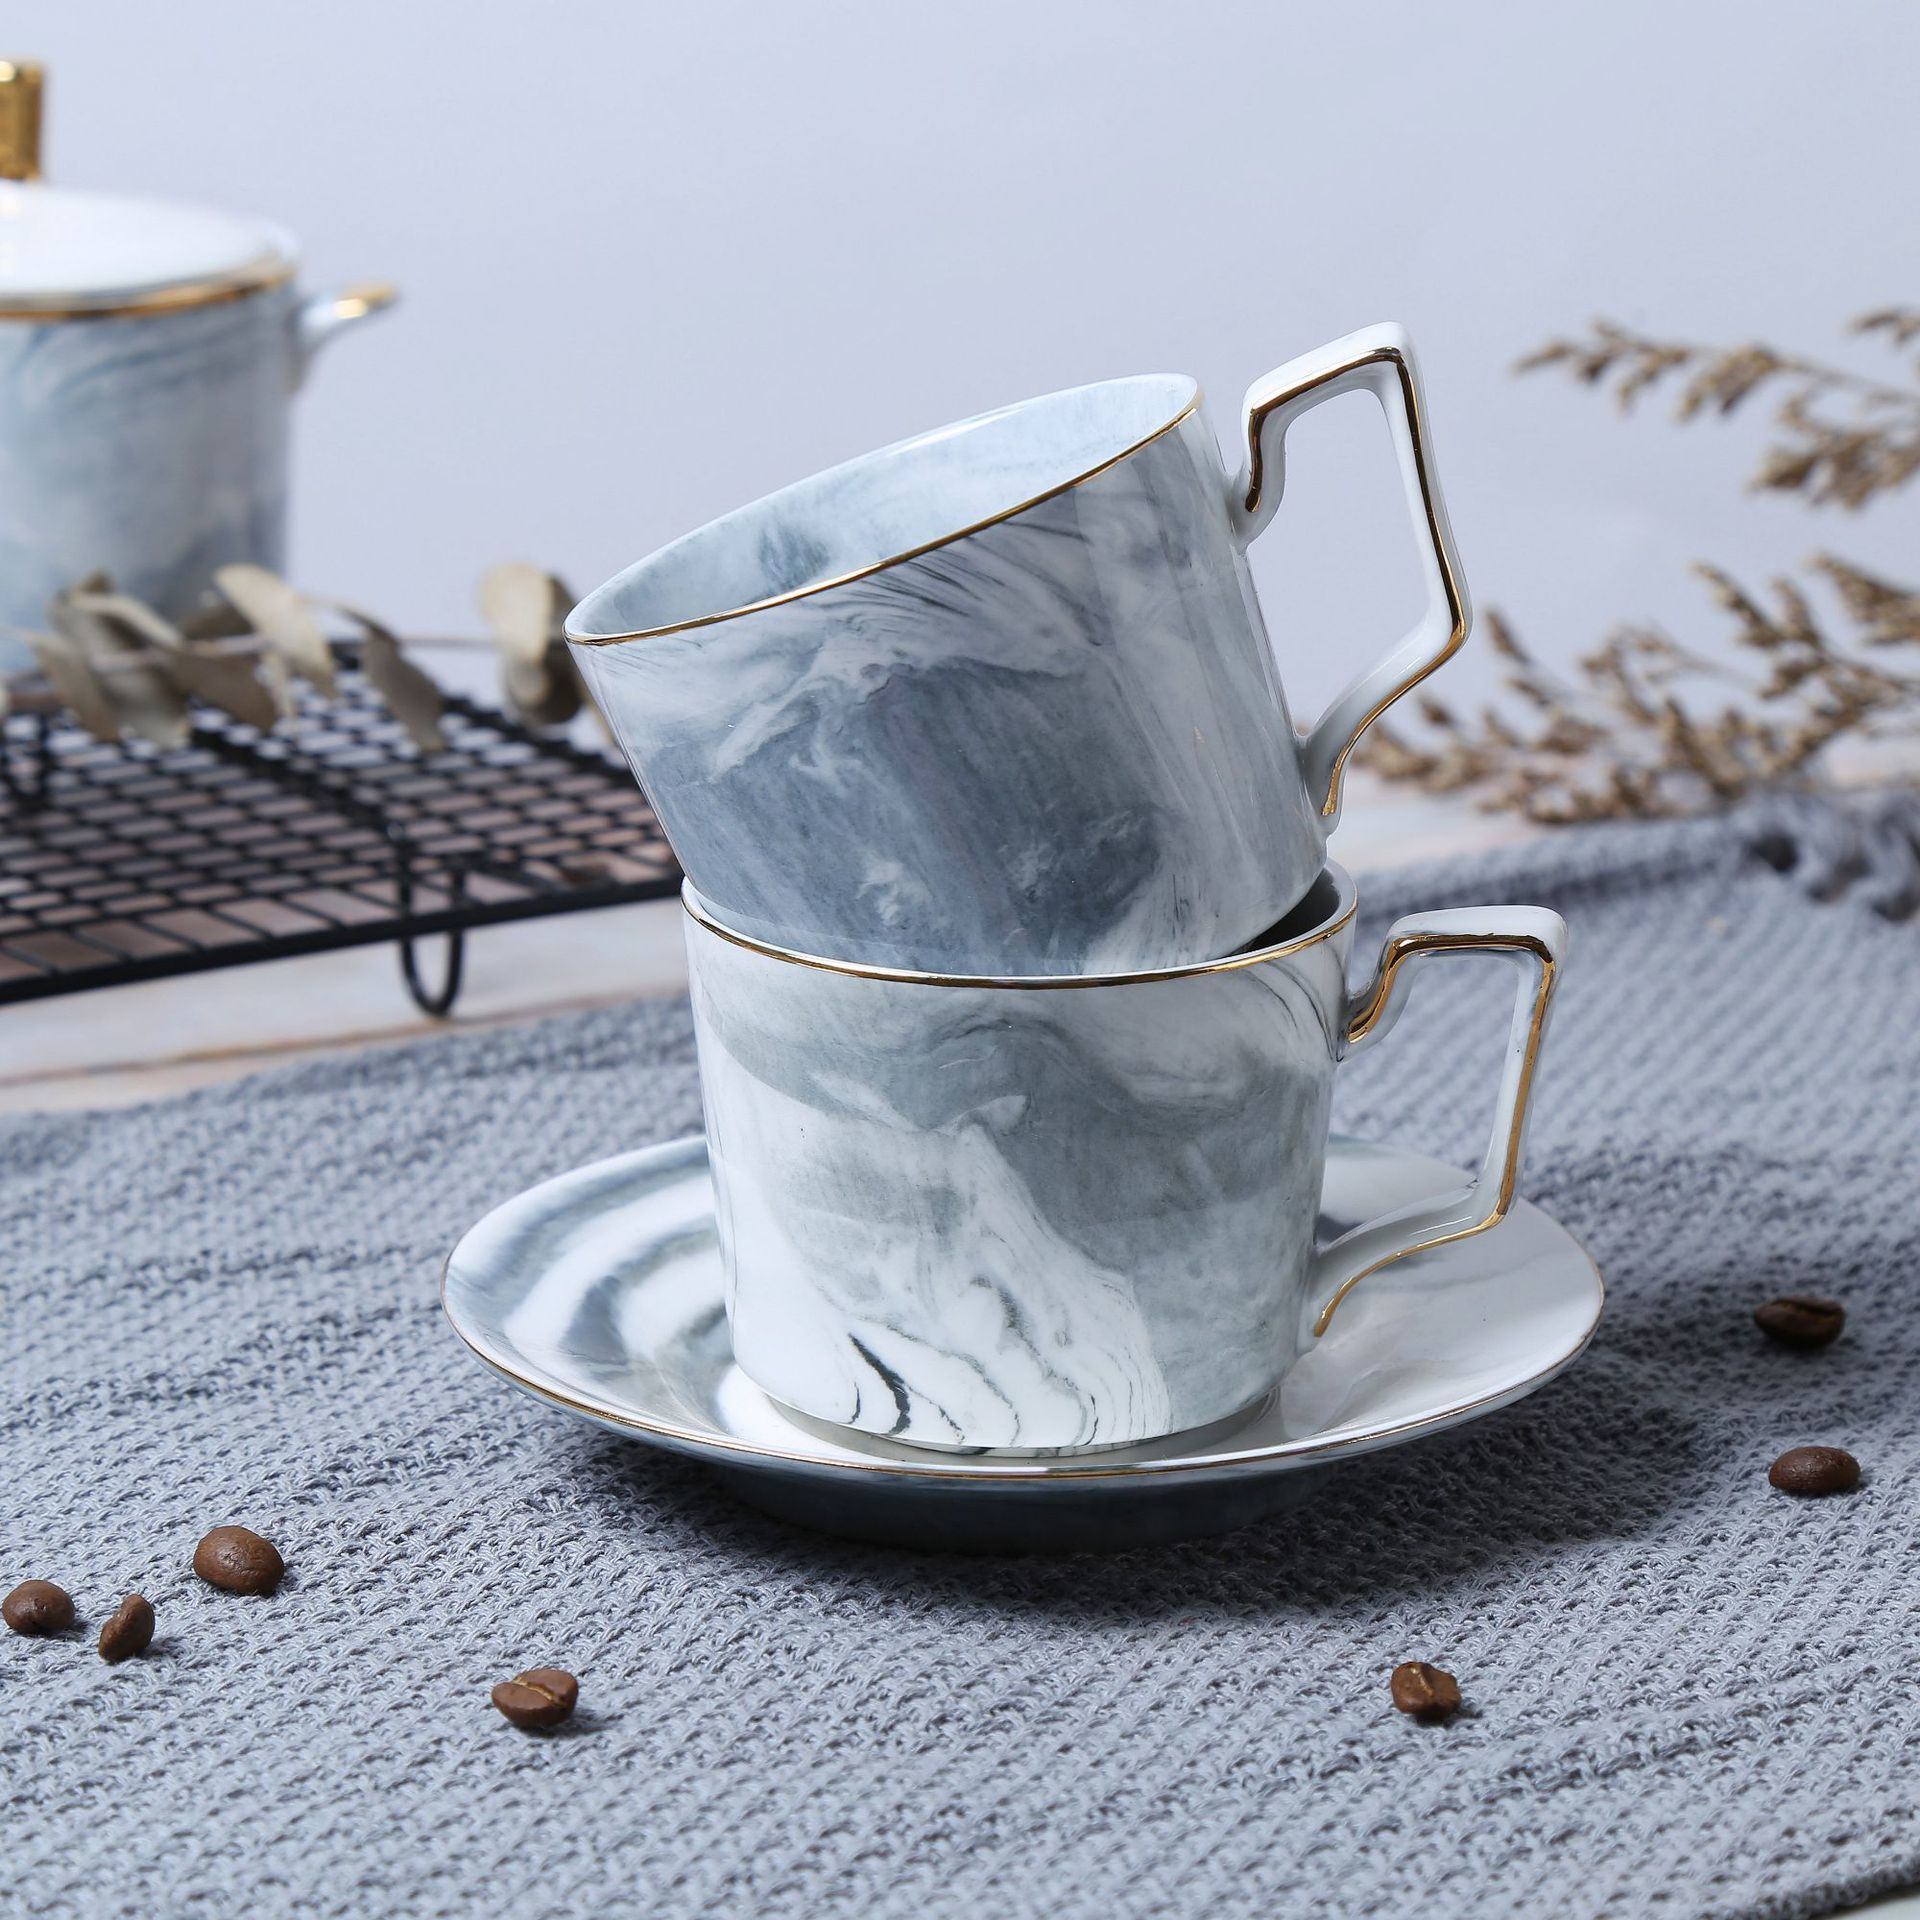 1 Комплект костяного фарфора набор посуды кружка костюм домашний с керамическим блюдцем набор чайник с цветами чашка фильтровальный чайник... - 4